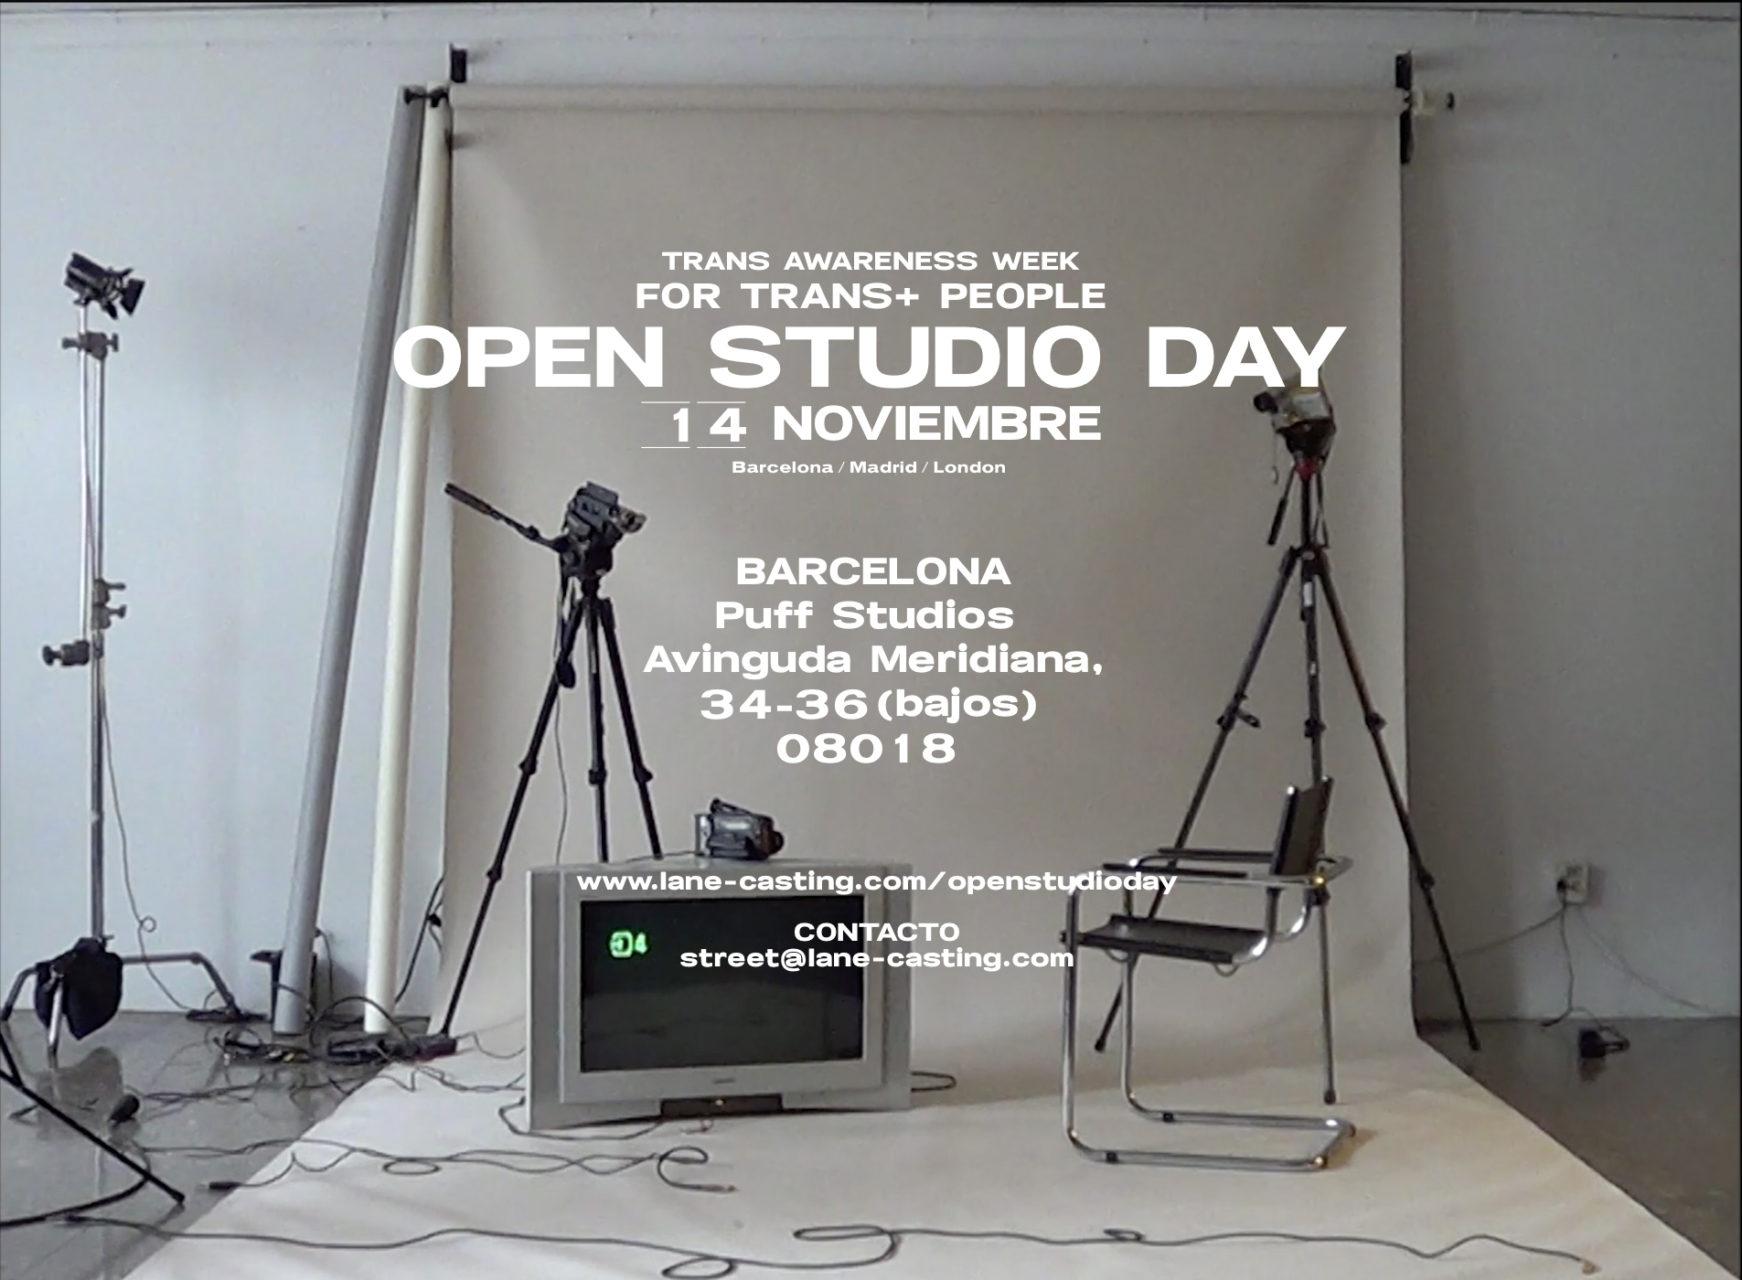 OpenStudioDay |LANE CASTING